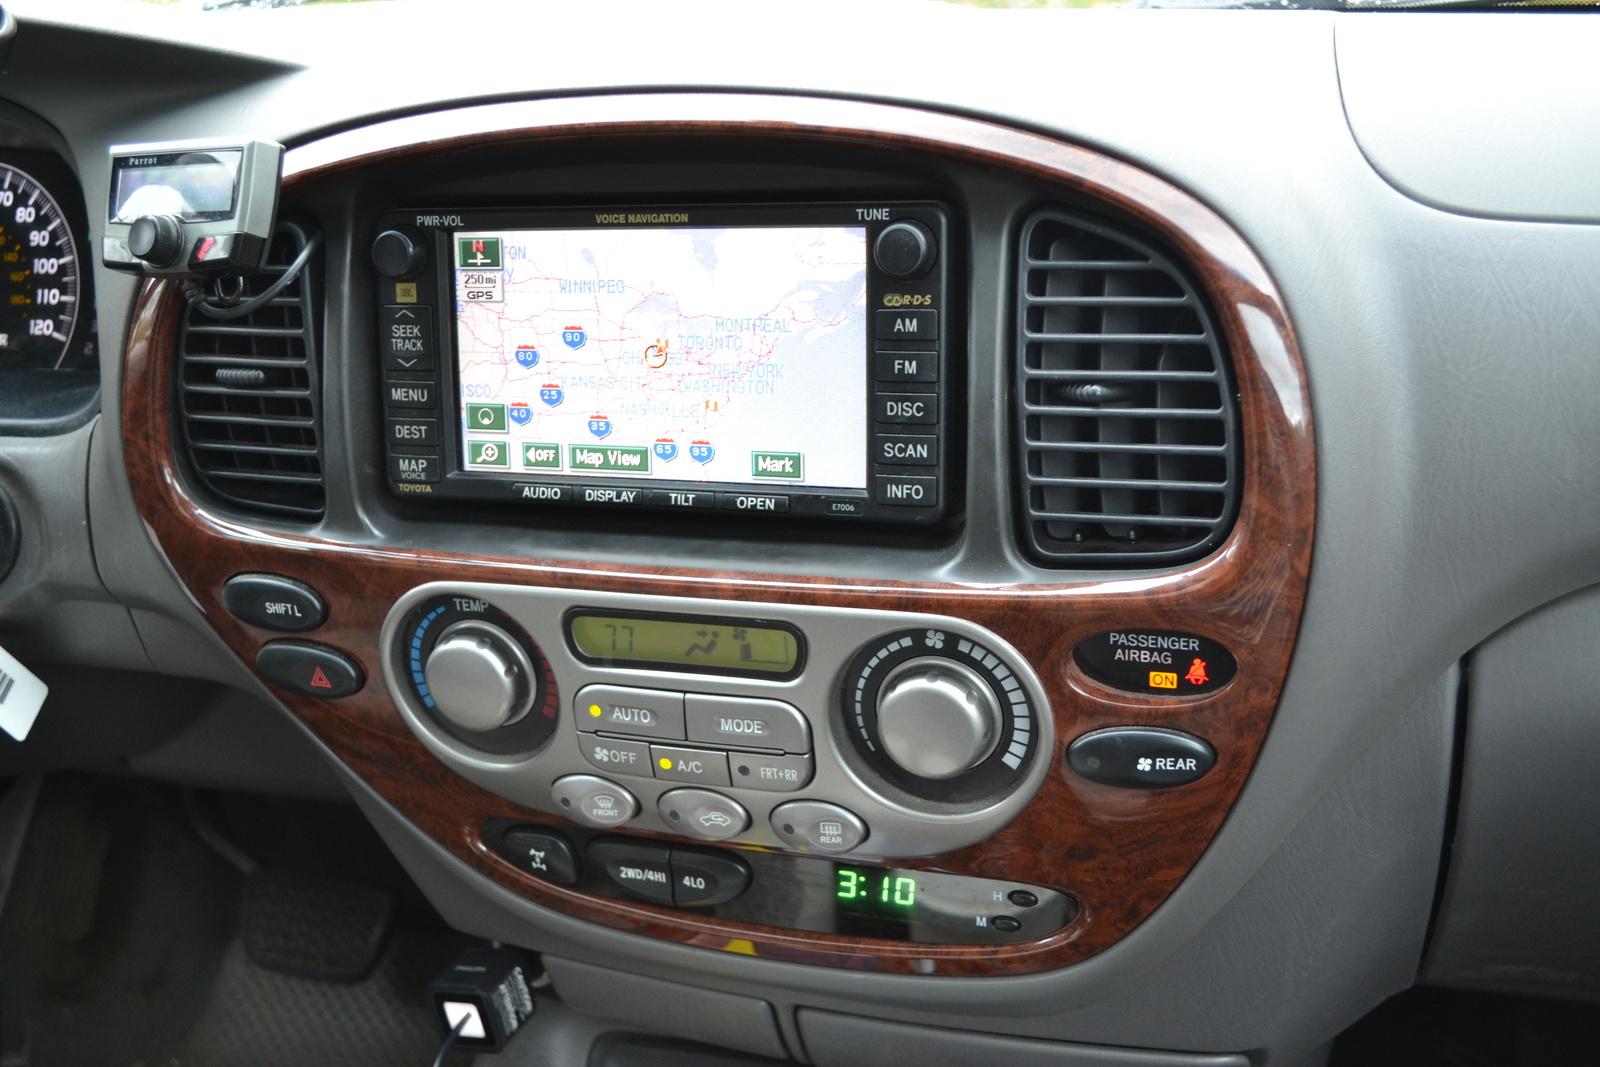 2007 toyota sequoia interior pictures cargurus - Toyota sequoia interior dimensions ...